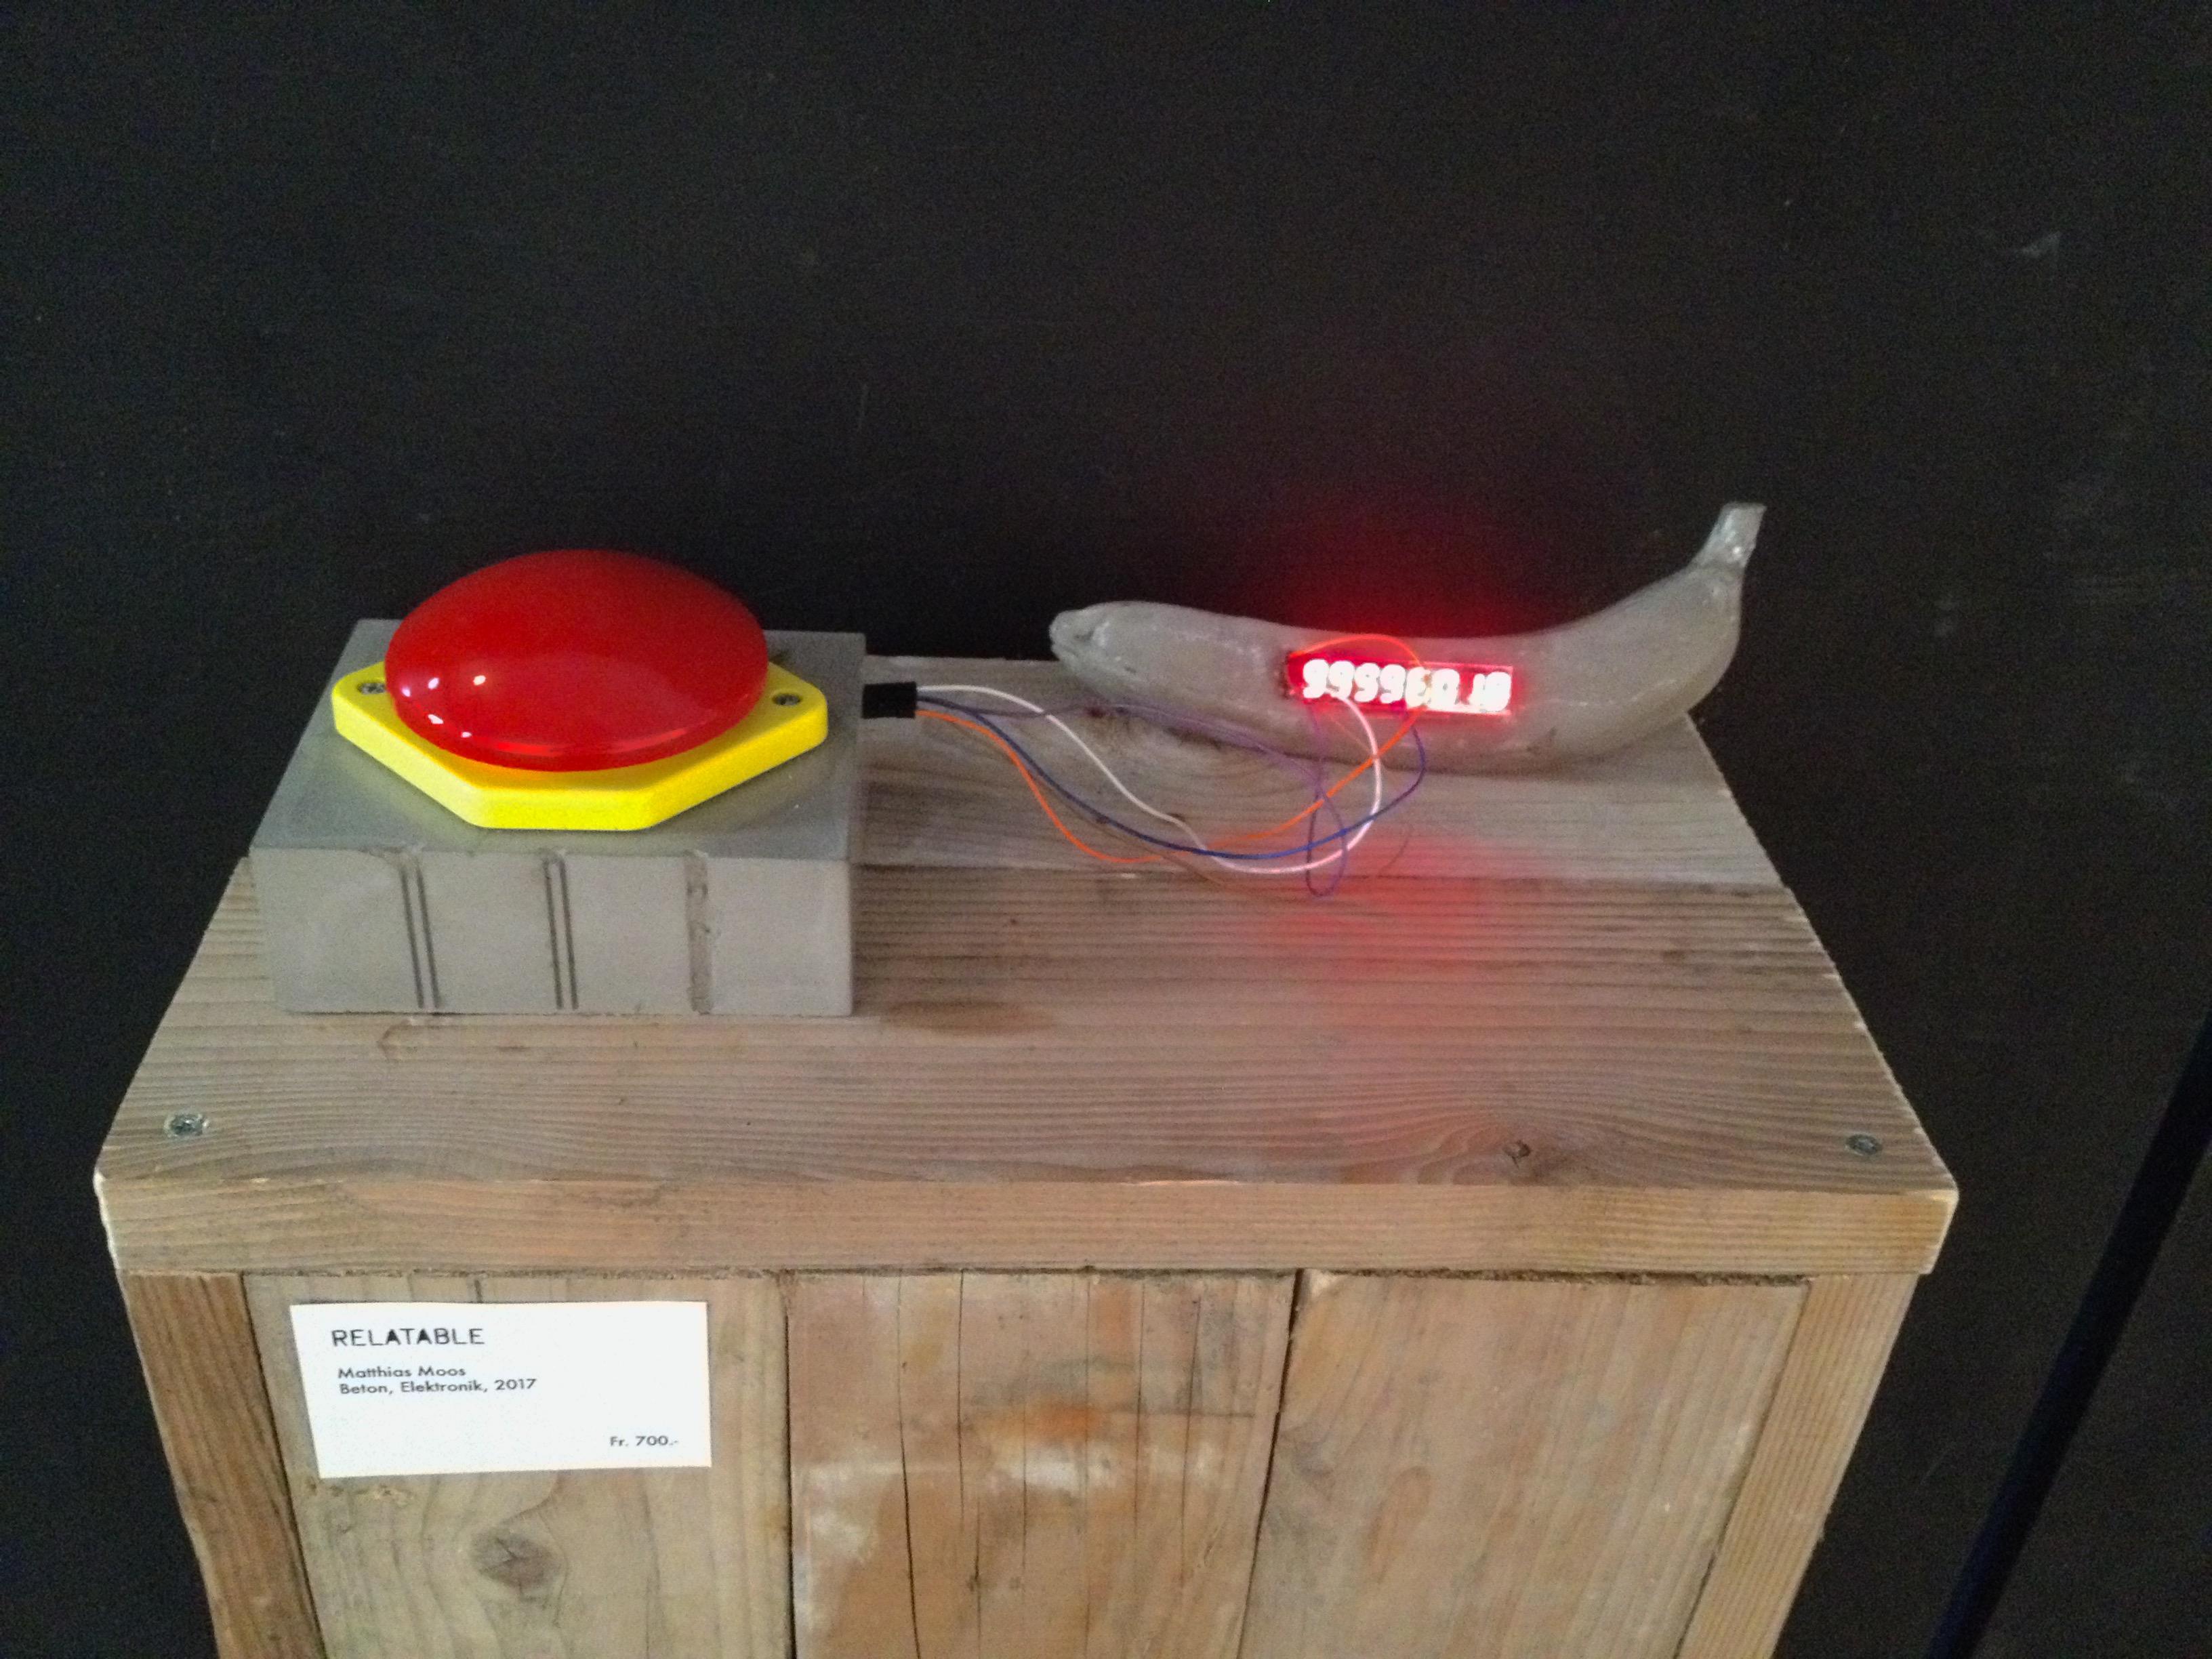 Einer der roten Knöpfe aus der Ausstellung, verbunden mit einer Bananen-Bombe.